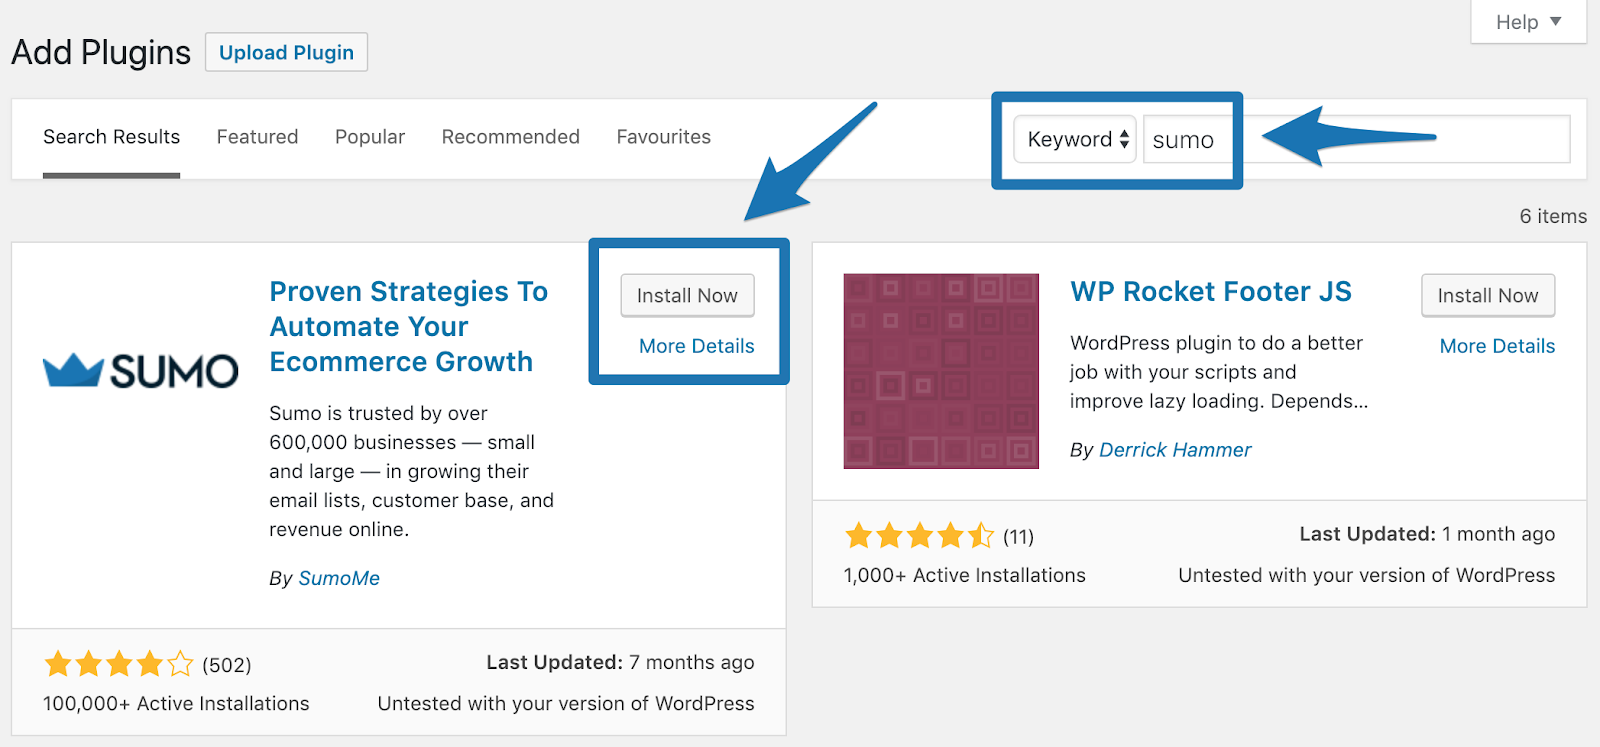 Screenshot showing Wordpress plugin adding page